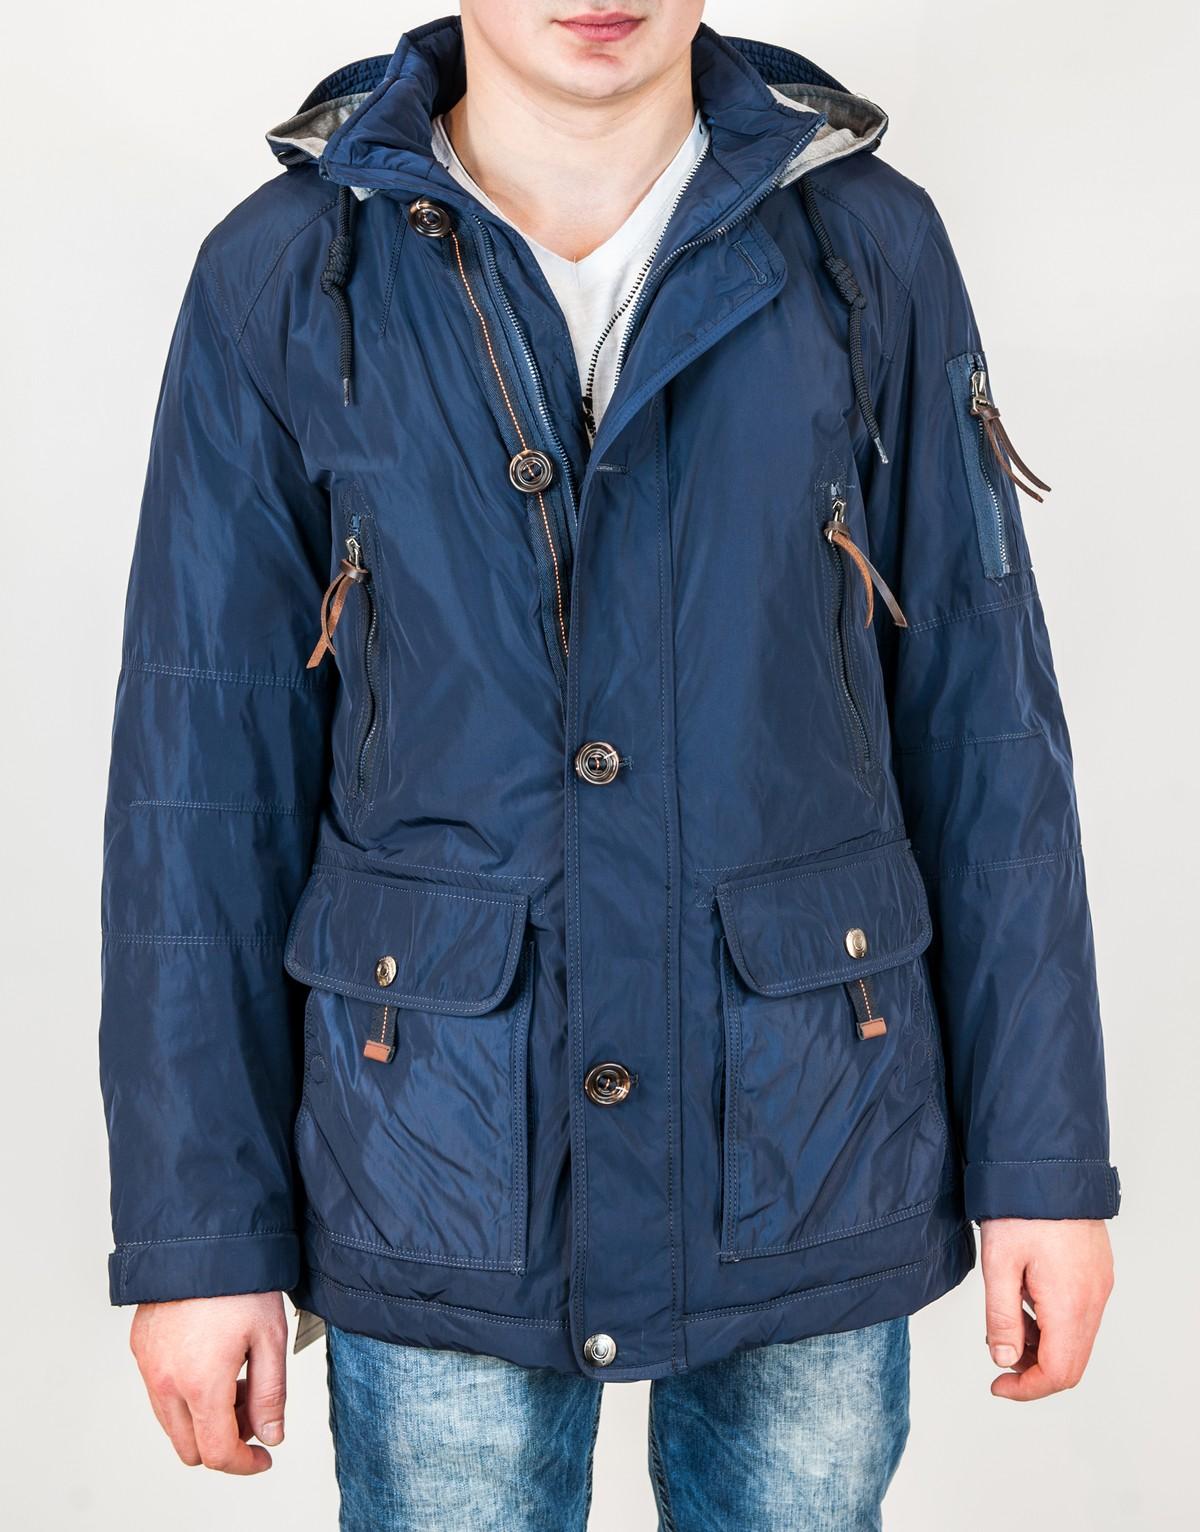 Легкая куртка Winner stile